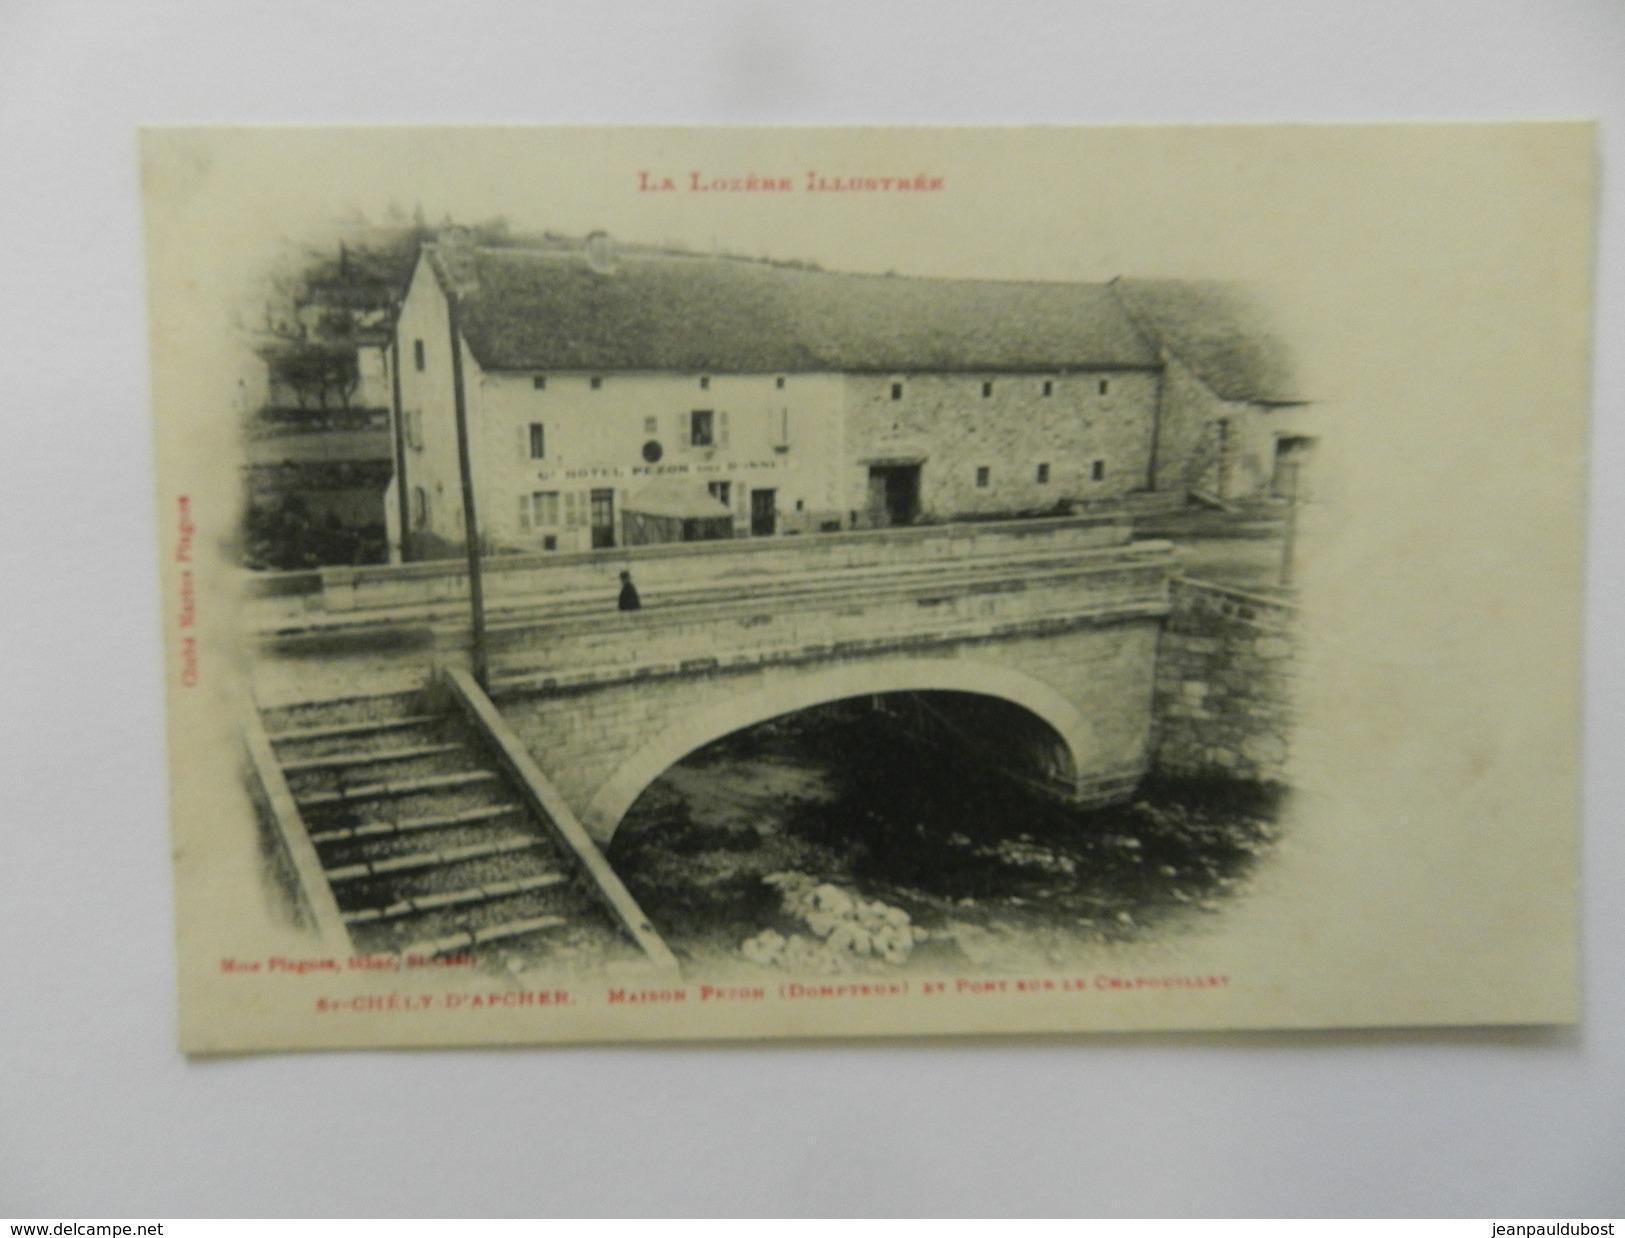 SAINT CHELY D'APCHER Maison Pezon (dompteur) Et Pont Sur Le Chapouillet - Saint Chely D'Apcher